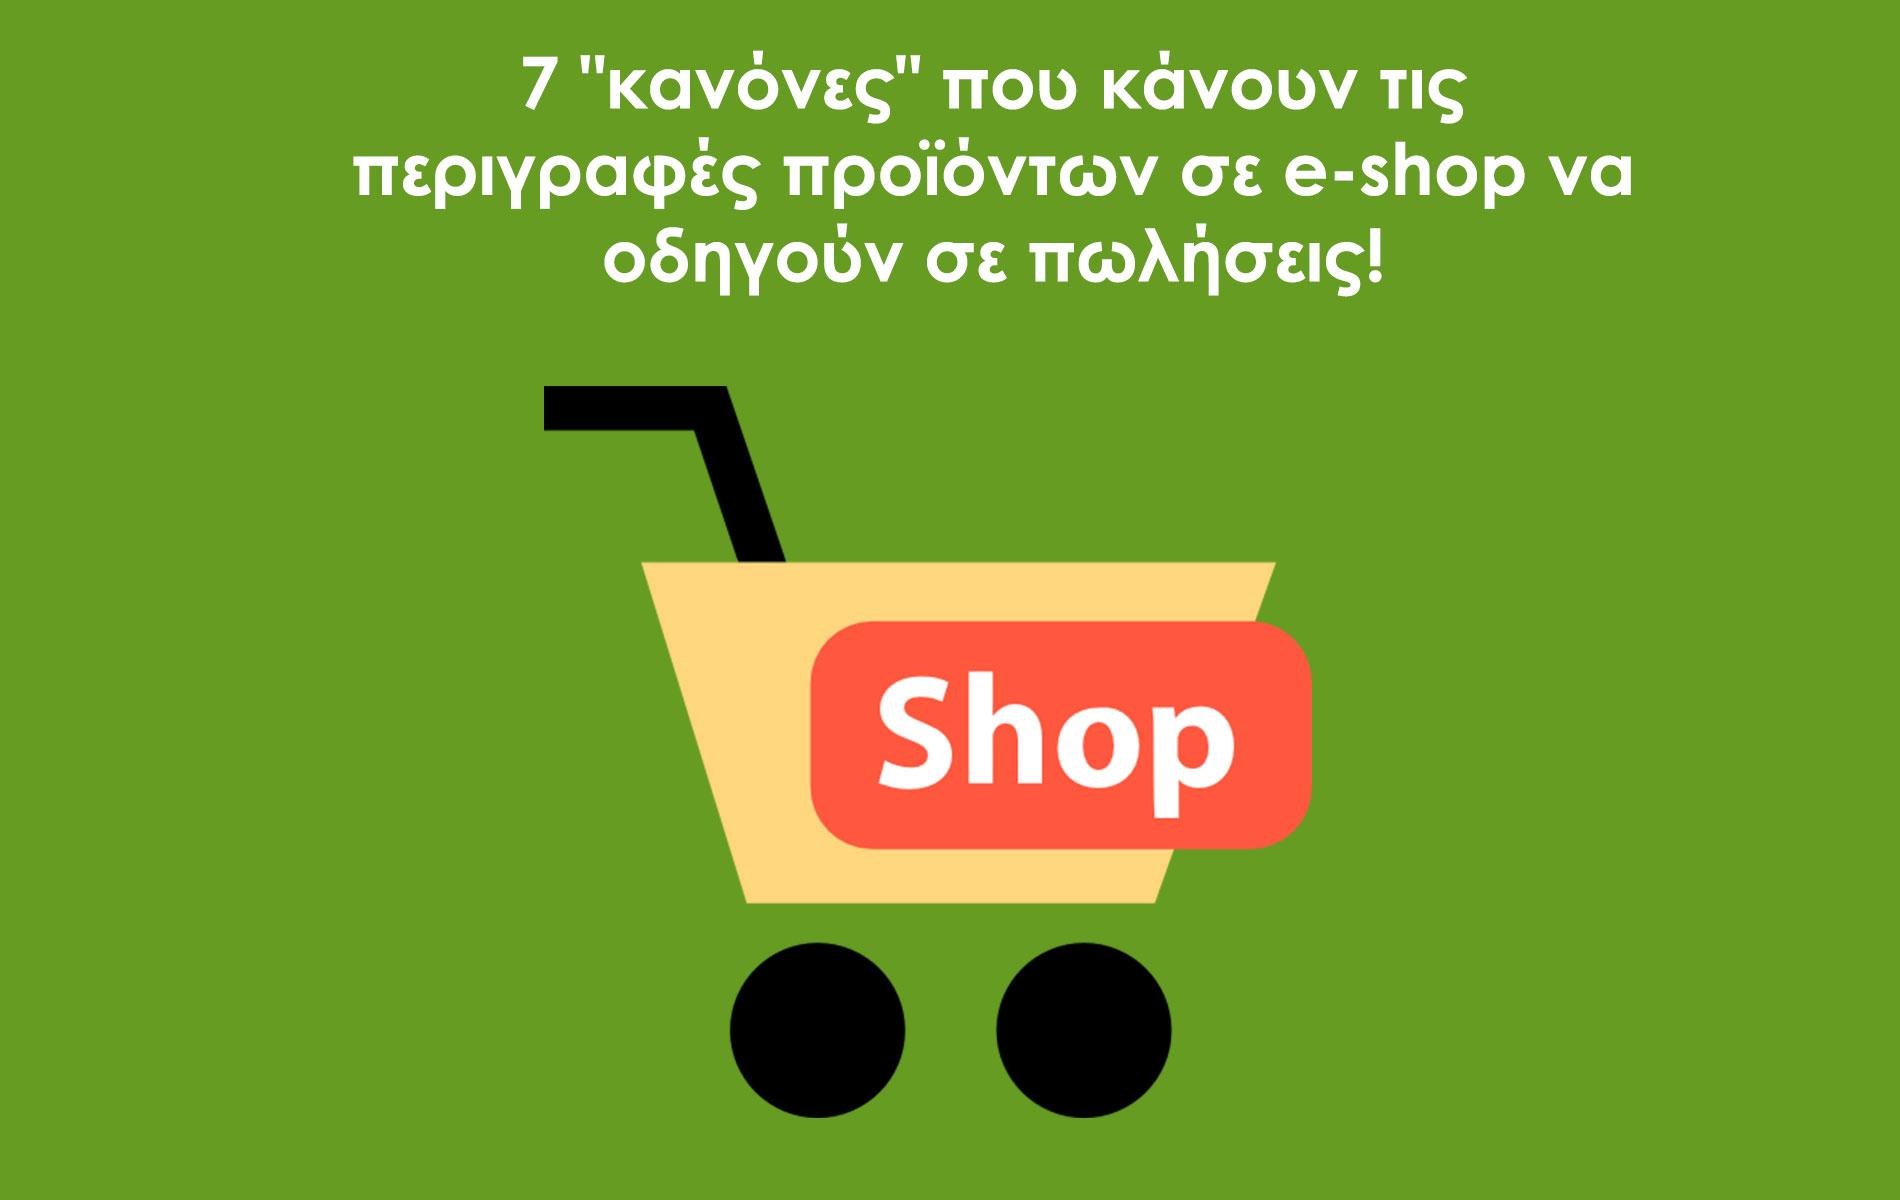 7 κανόνες που κάνουν τις περιγραφές προϊόντων σε e-shop να οδηγούν σε πωλήσεις!